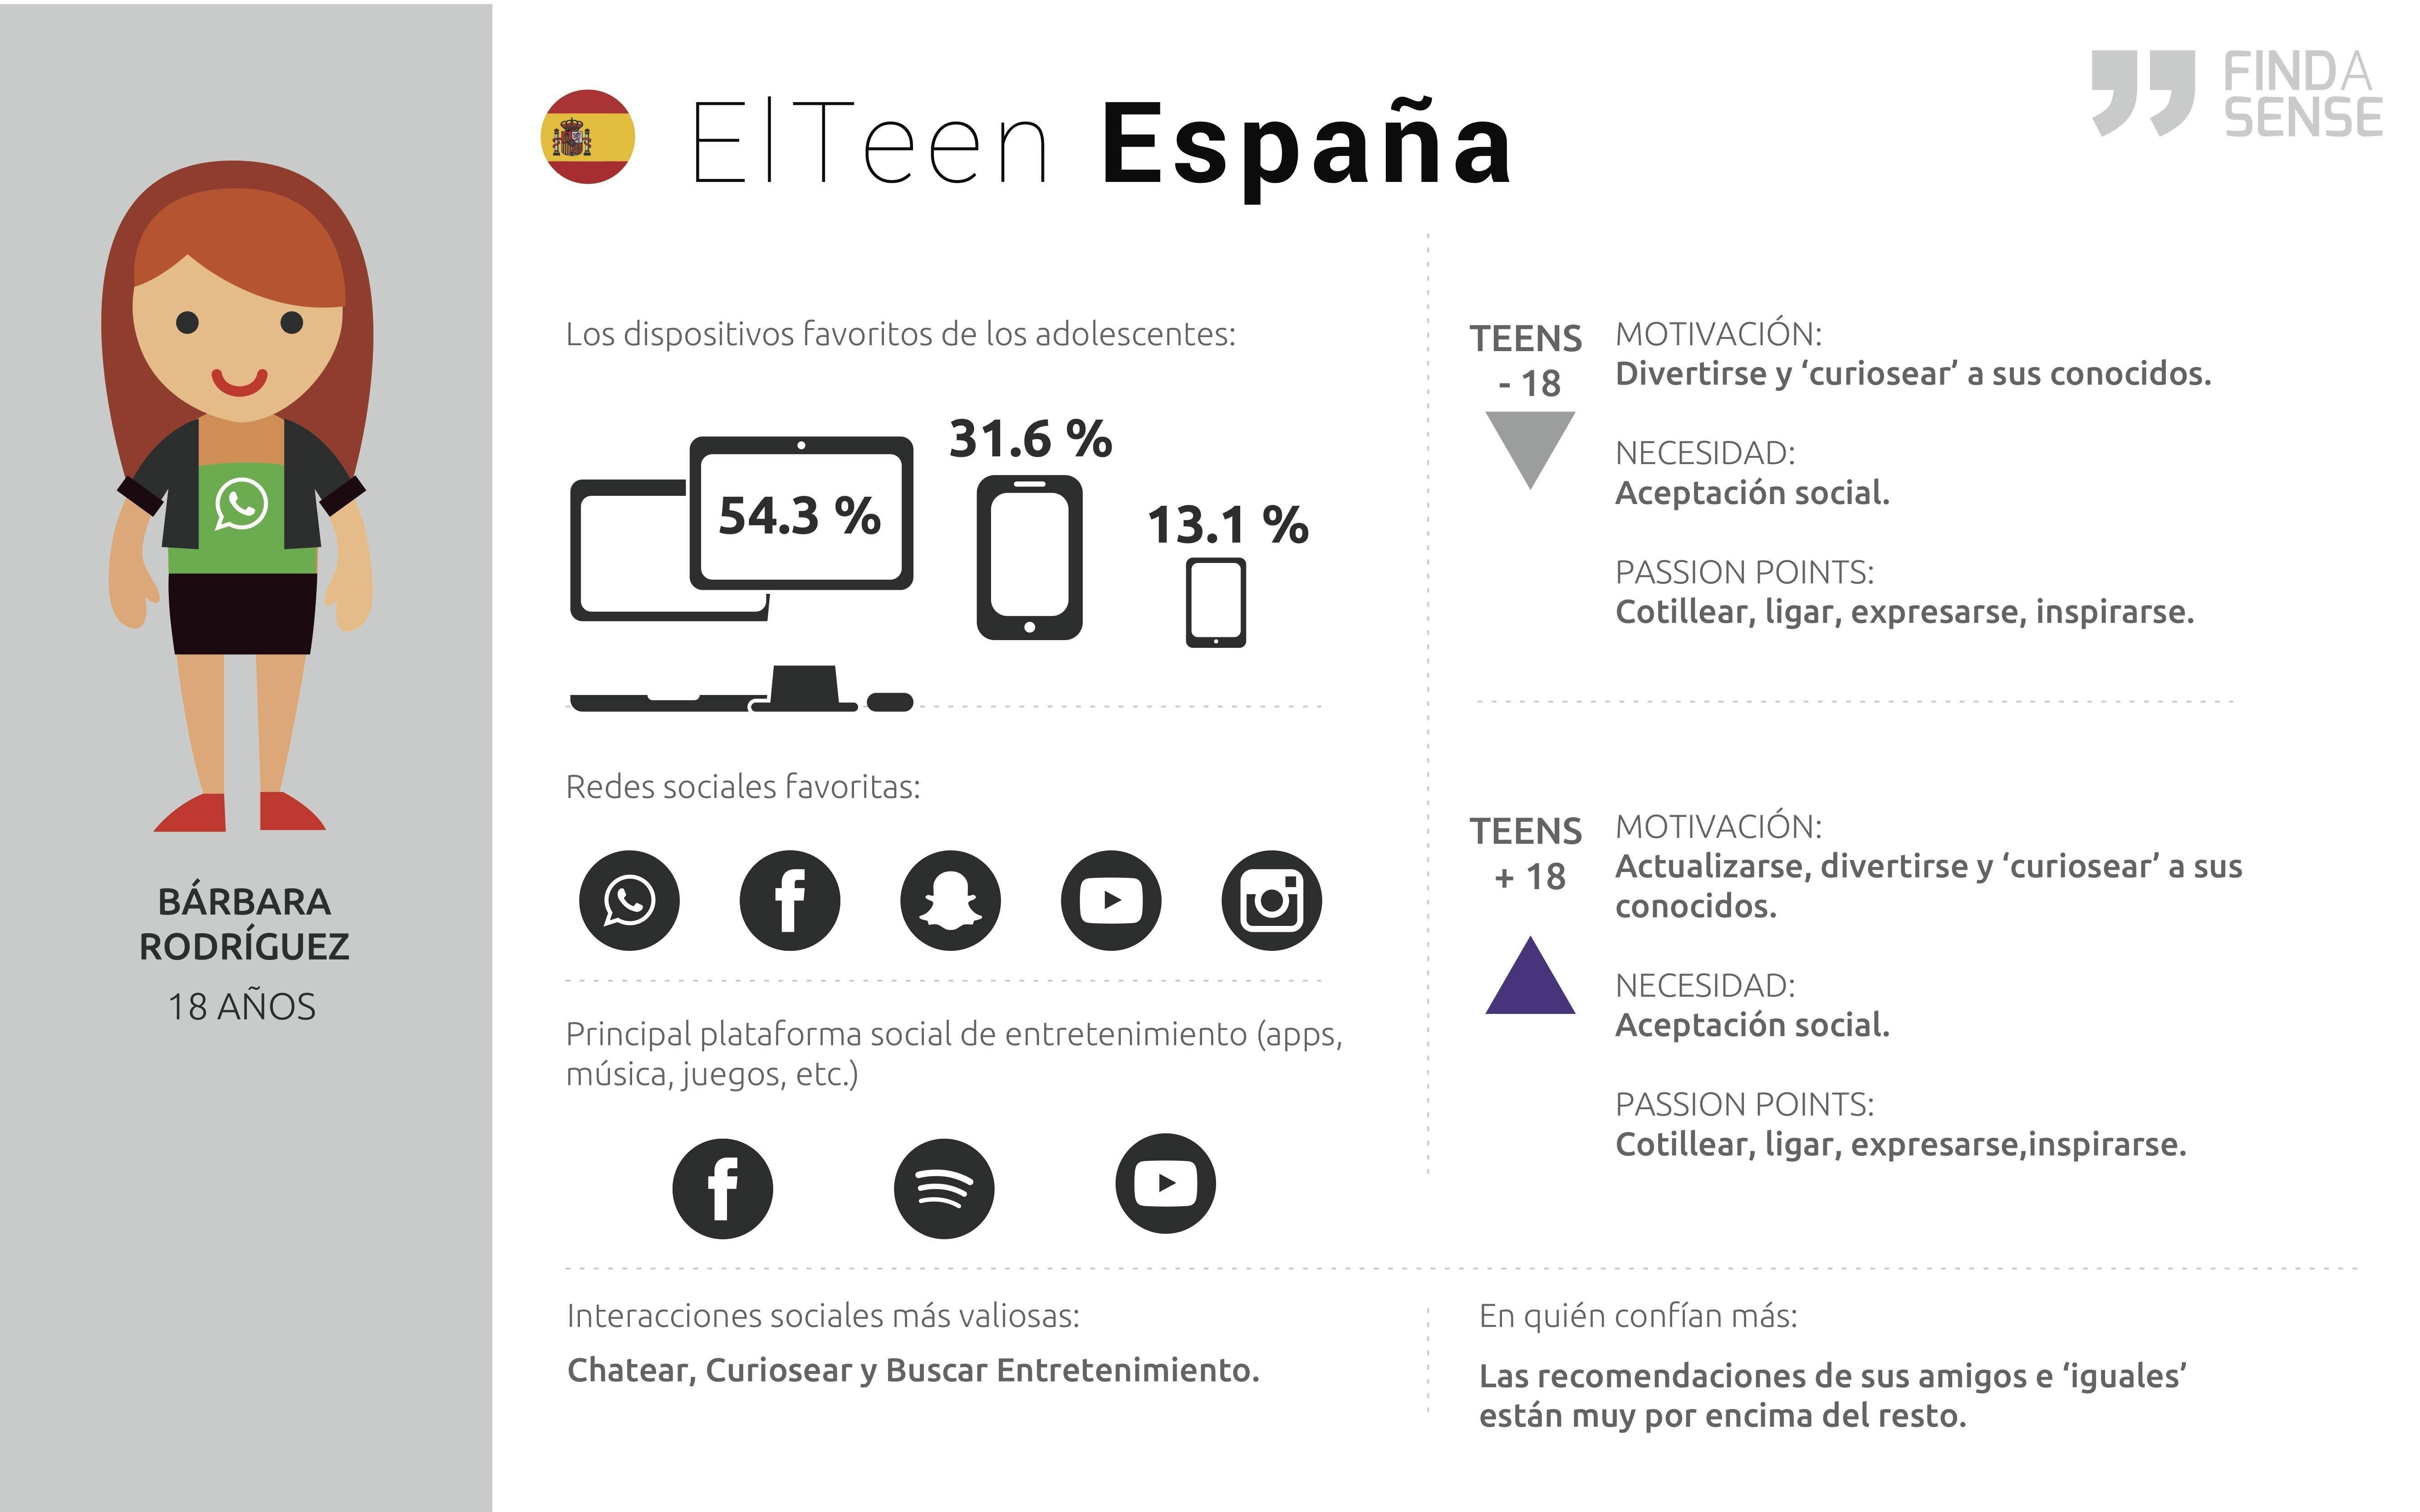 infografia el teen